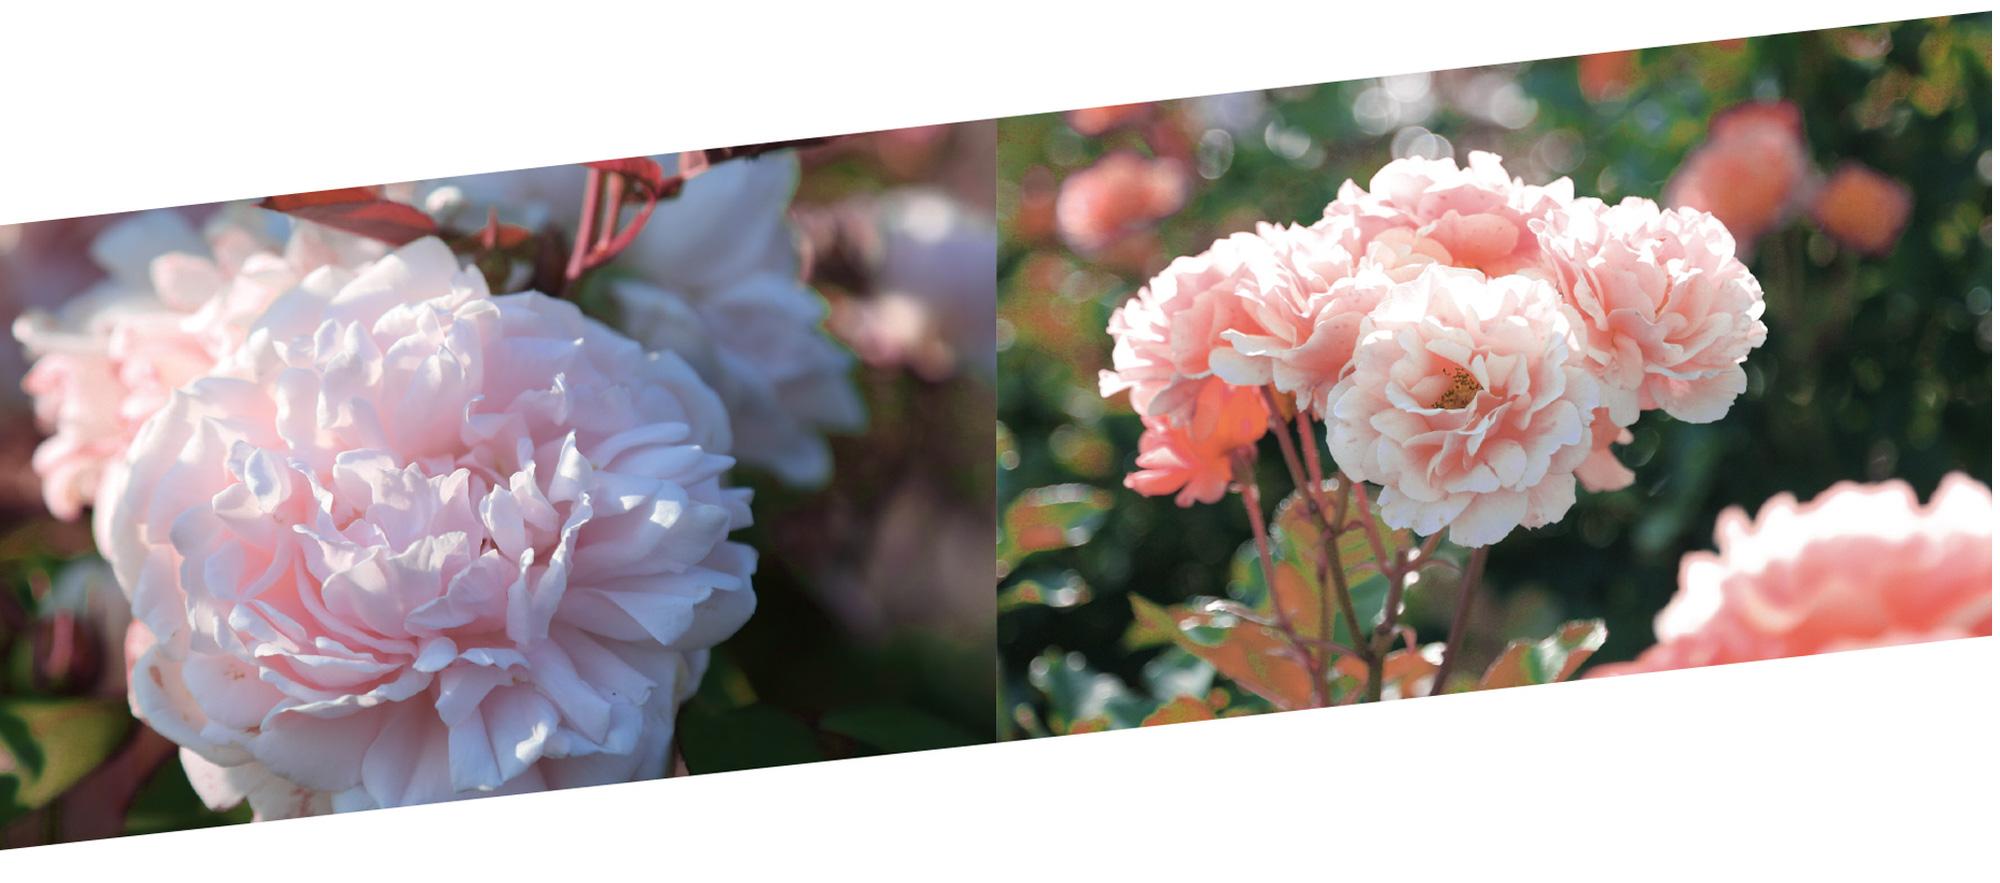 """Hè năm nay, hãy kết nạp """"siêu phẩm hoa hồng Hokkaido vào công cuộc skincare để mang thanh xuân về cho làn da của bạn - Ảnh 3."""